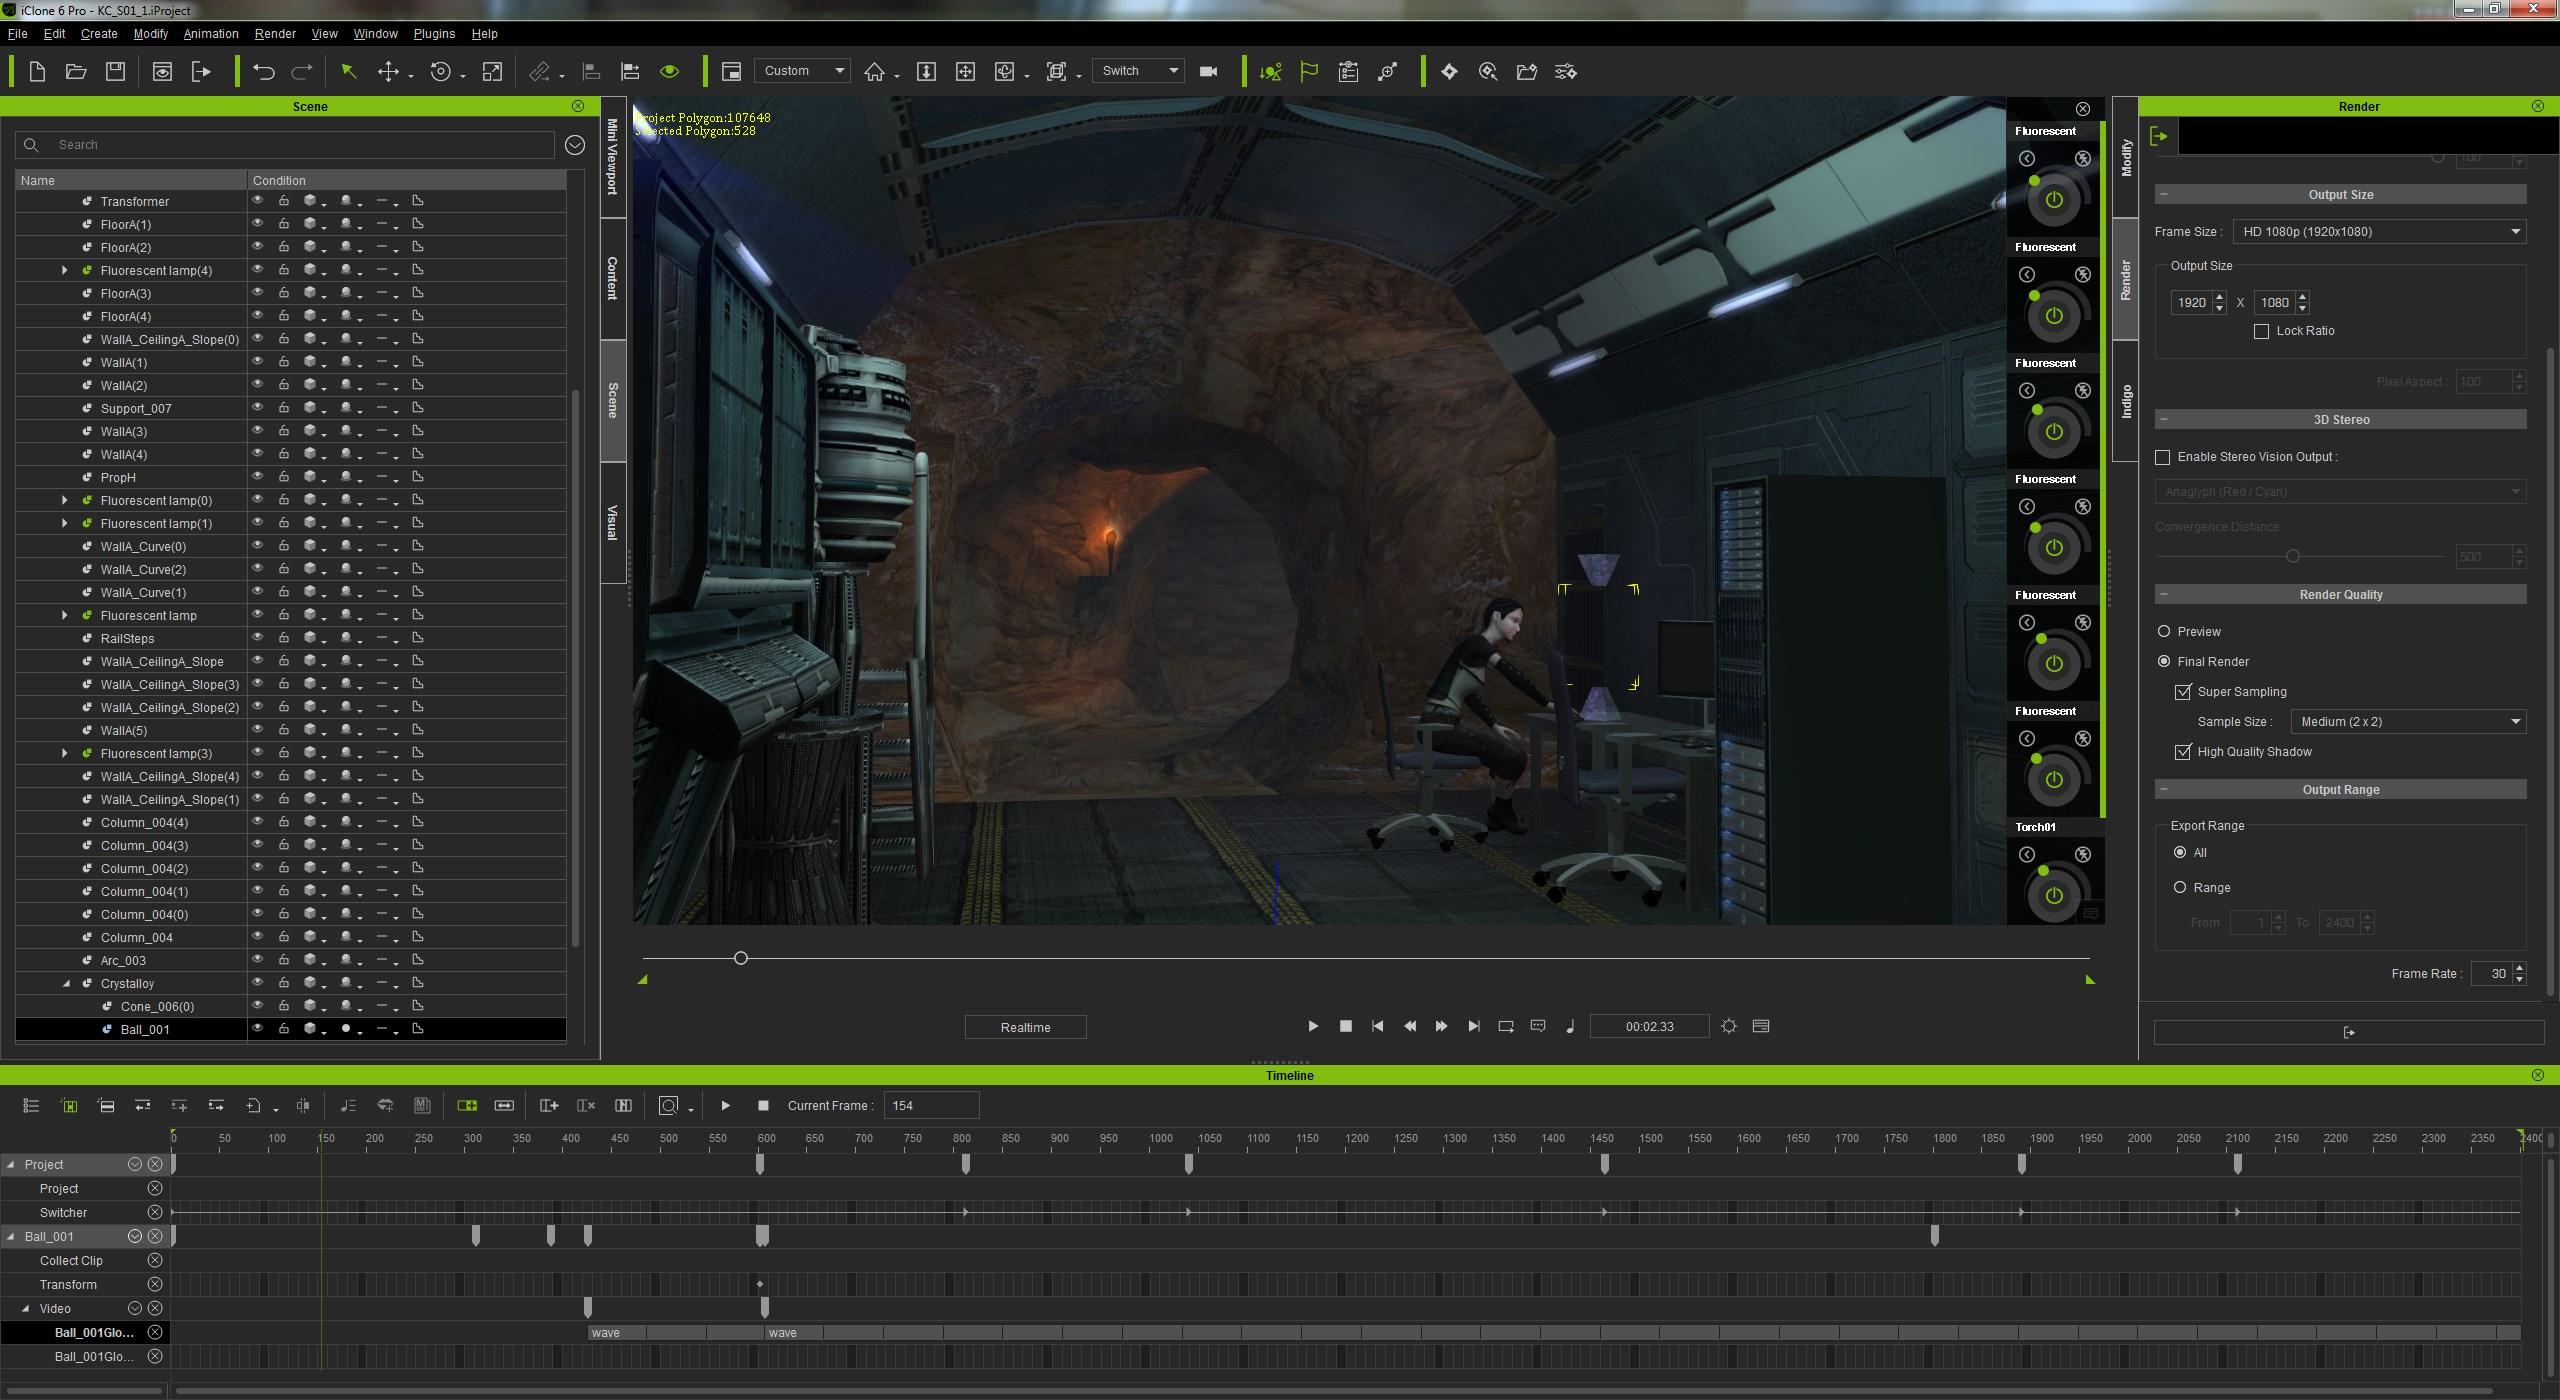 ic6_screen_of_scene_01.jpg